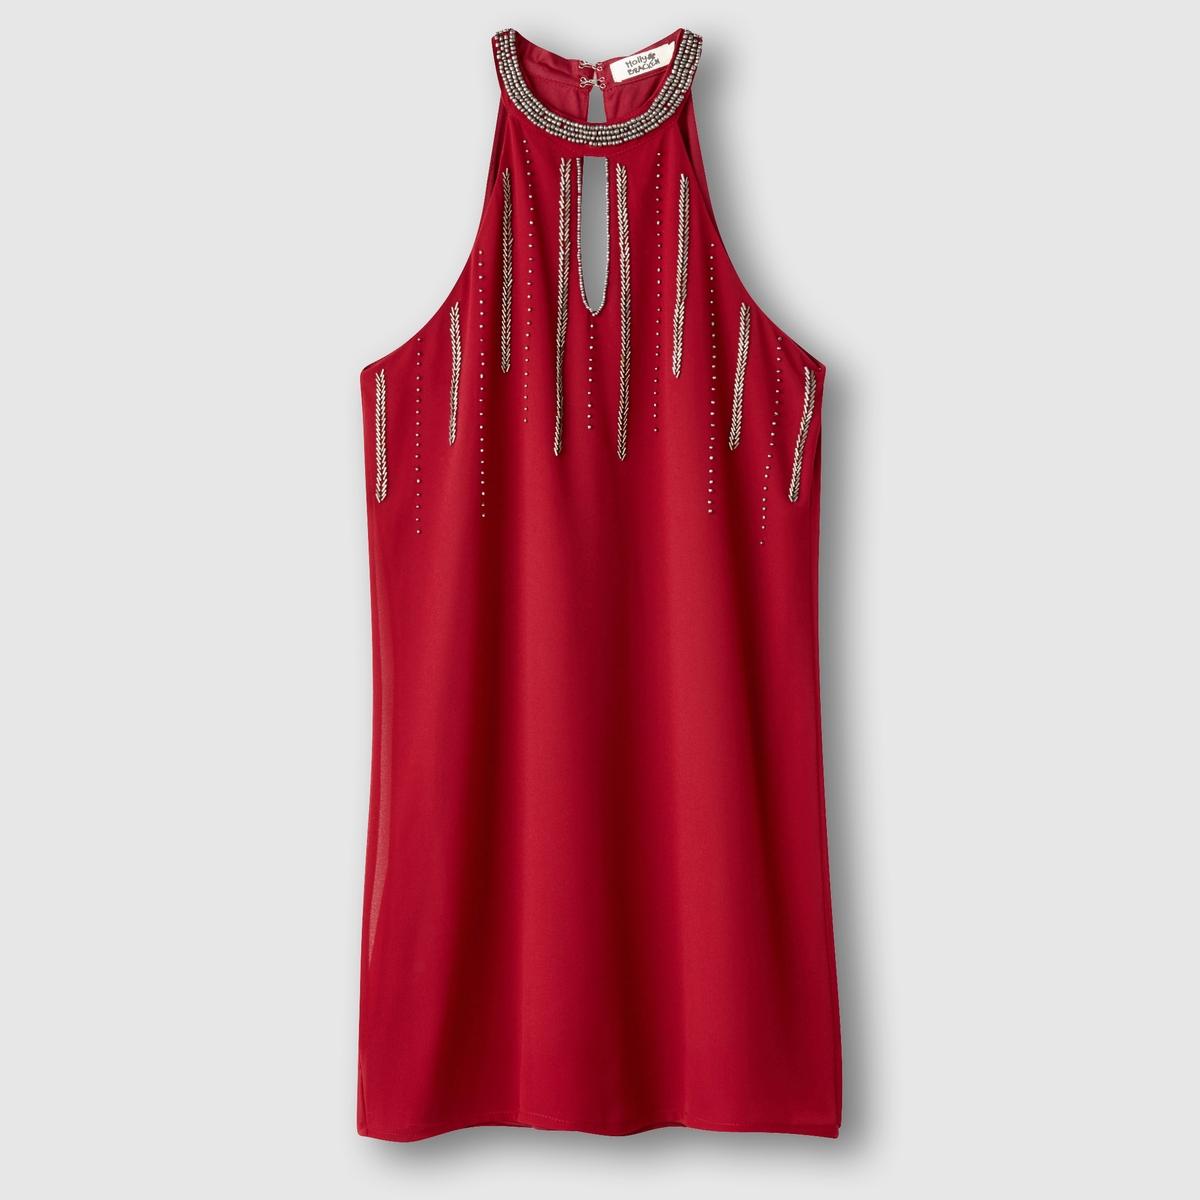 Платье с американской проймойСостав и описаниеМарка: MOLLY BRACKEN.Материалы:платье из 95% полиэстера, 5% эластана, подкладка из 100% полиэстера.УходСтирать при 30°C в деликатном режиме.Стирать с вещами подобных цветов. Машинная сушка запрещена.<br><br>Цвет: красный<br>Размер: M